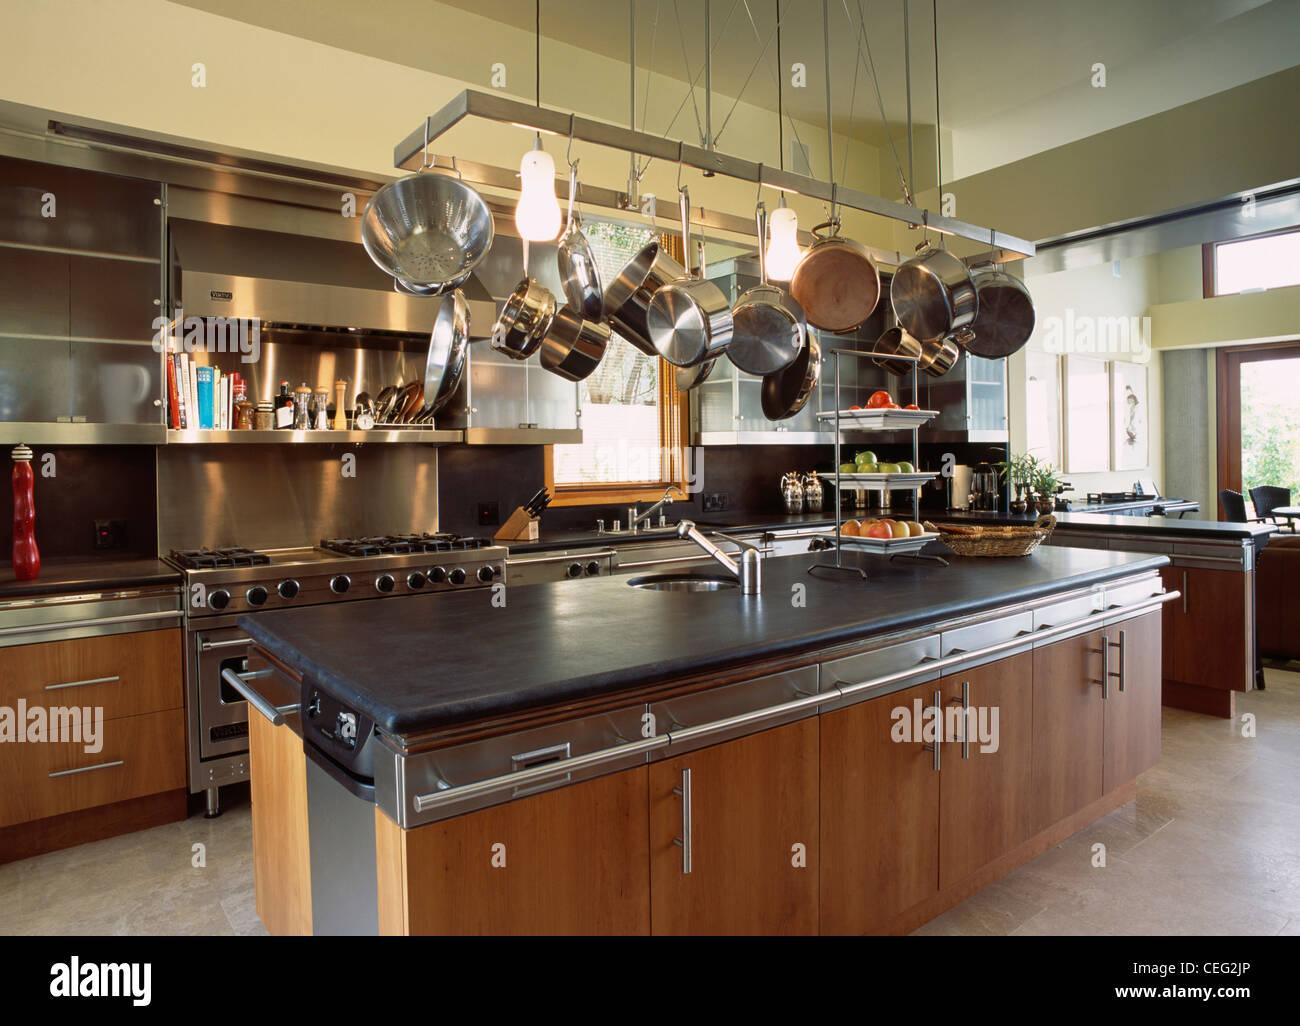 Credenza Per Cucina Moderna : Pentole sul metallo rack di archiviazione sopra isola con unità